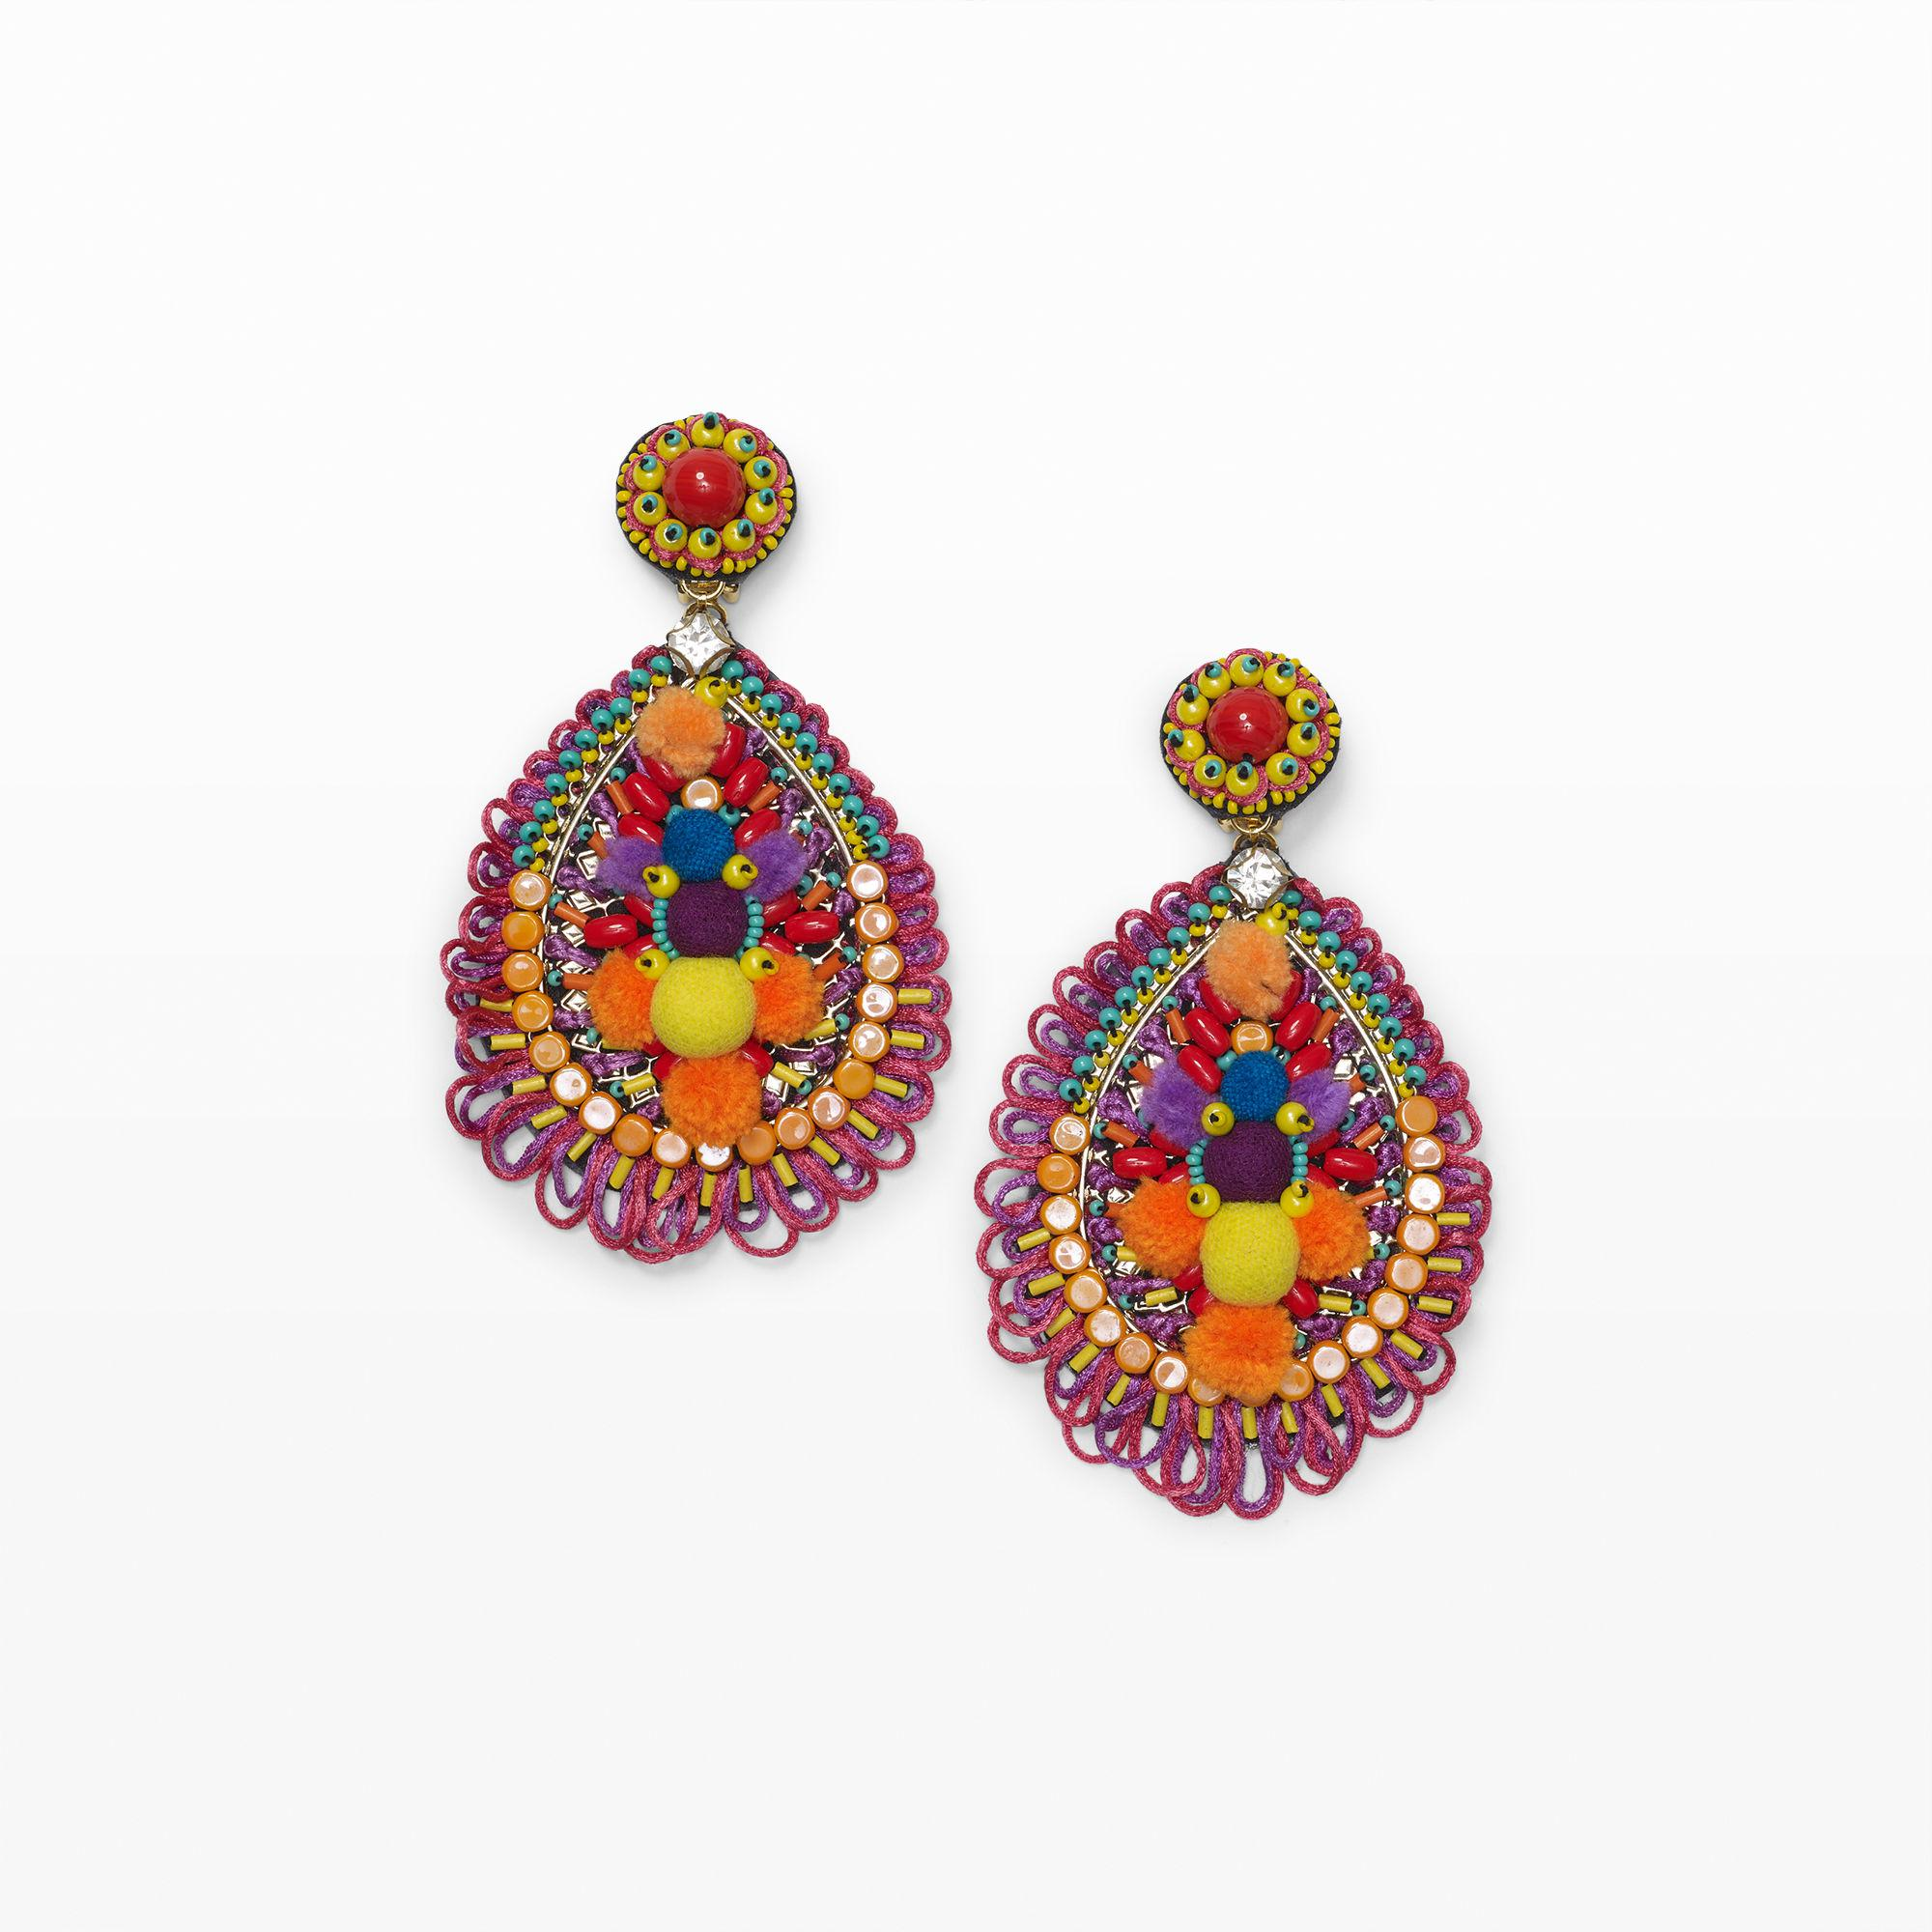 Ranjana Khan Pelican Mixed Drop Earrings jjDB4a3D